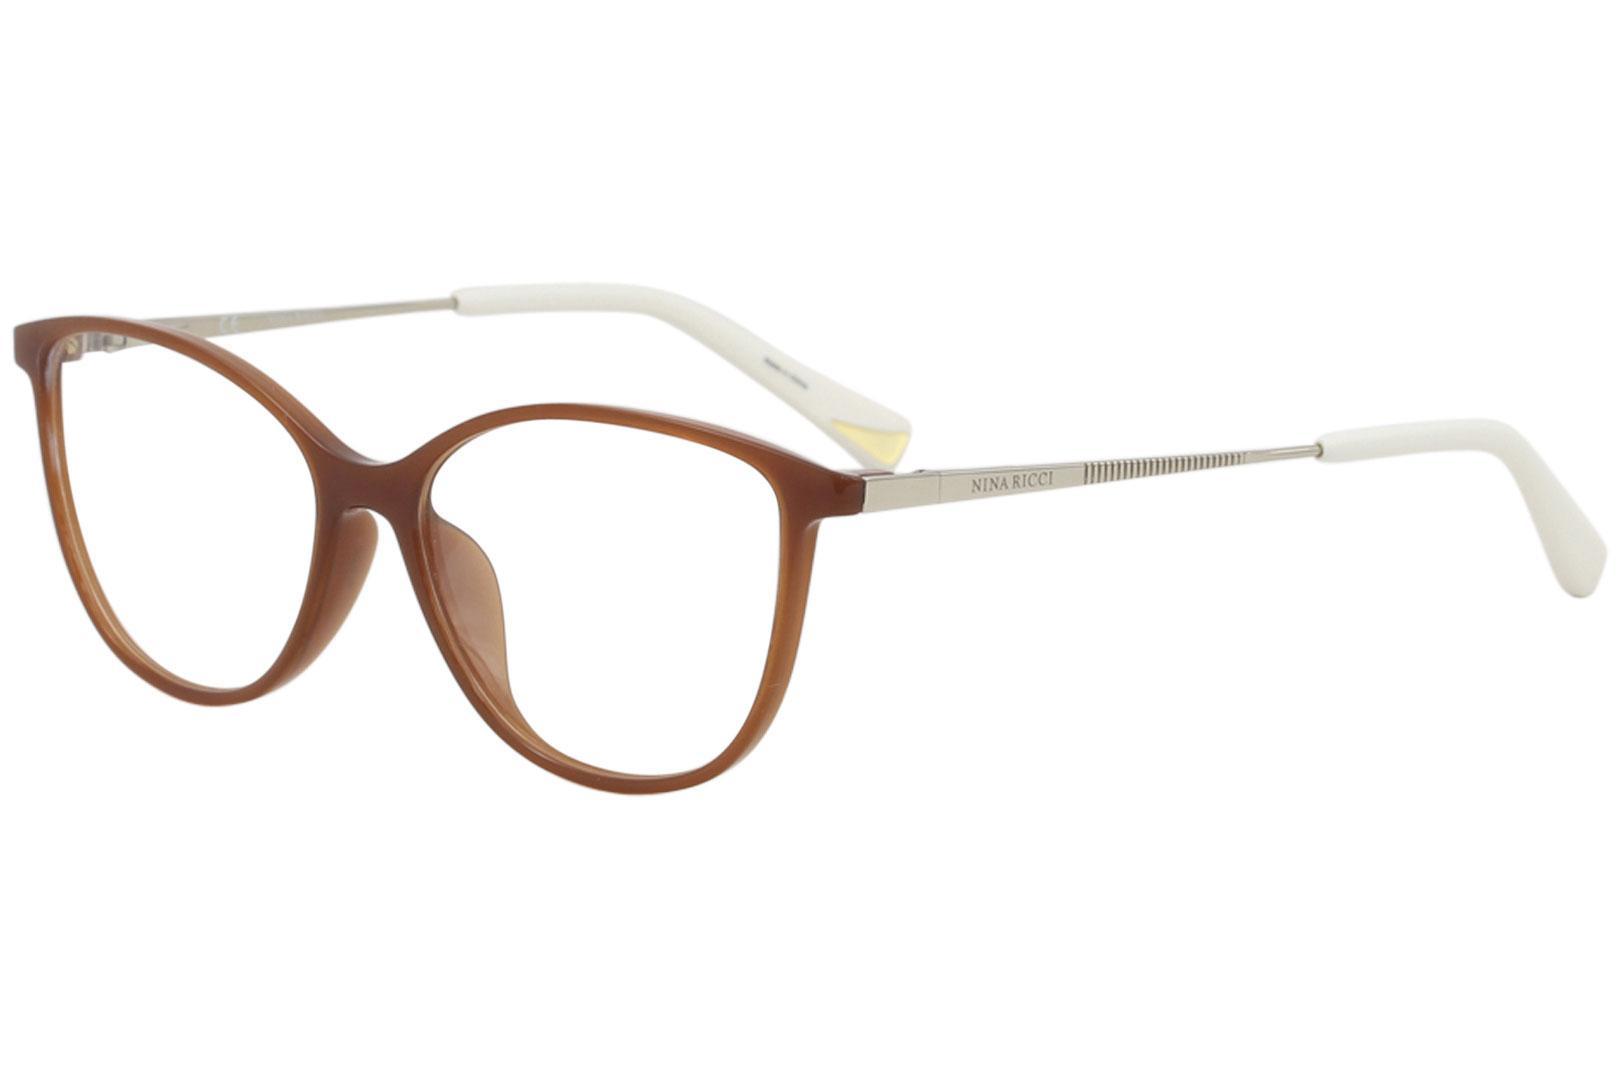 b6a8ab2219 Nina Ricci Women s Eyeglasses VNR034 VNR 034 Full Rim Optical Frame